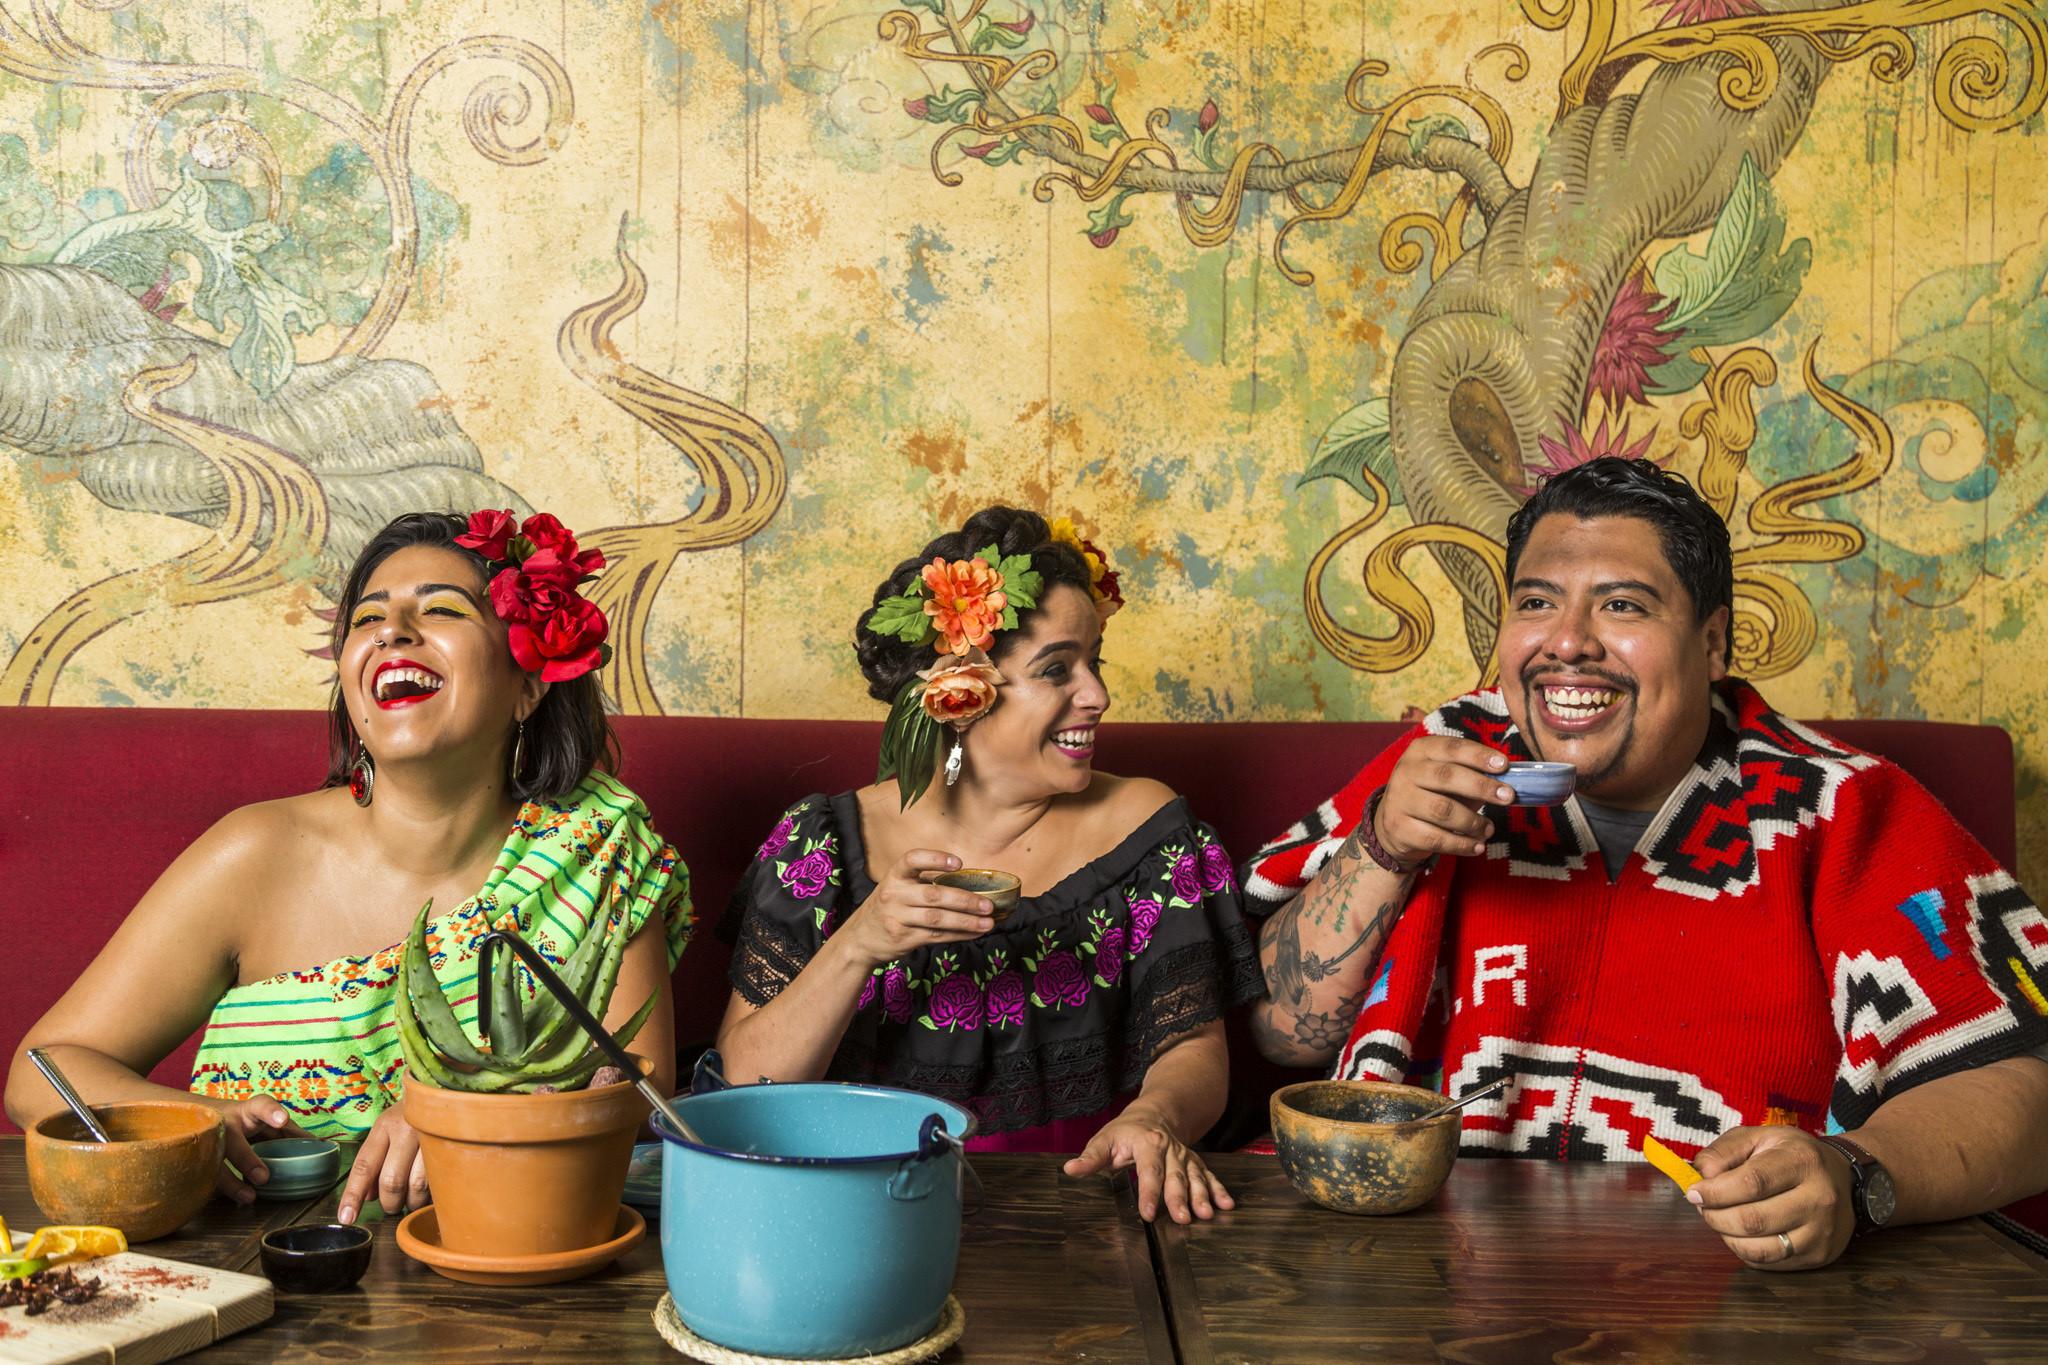 Ct-hoy-la-comida-mexicana-es-la-forma-tangible-de-compartir-la-cultura-y-tradiciones-coinciden-un-grupo-de-20180914